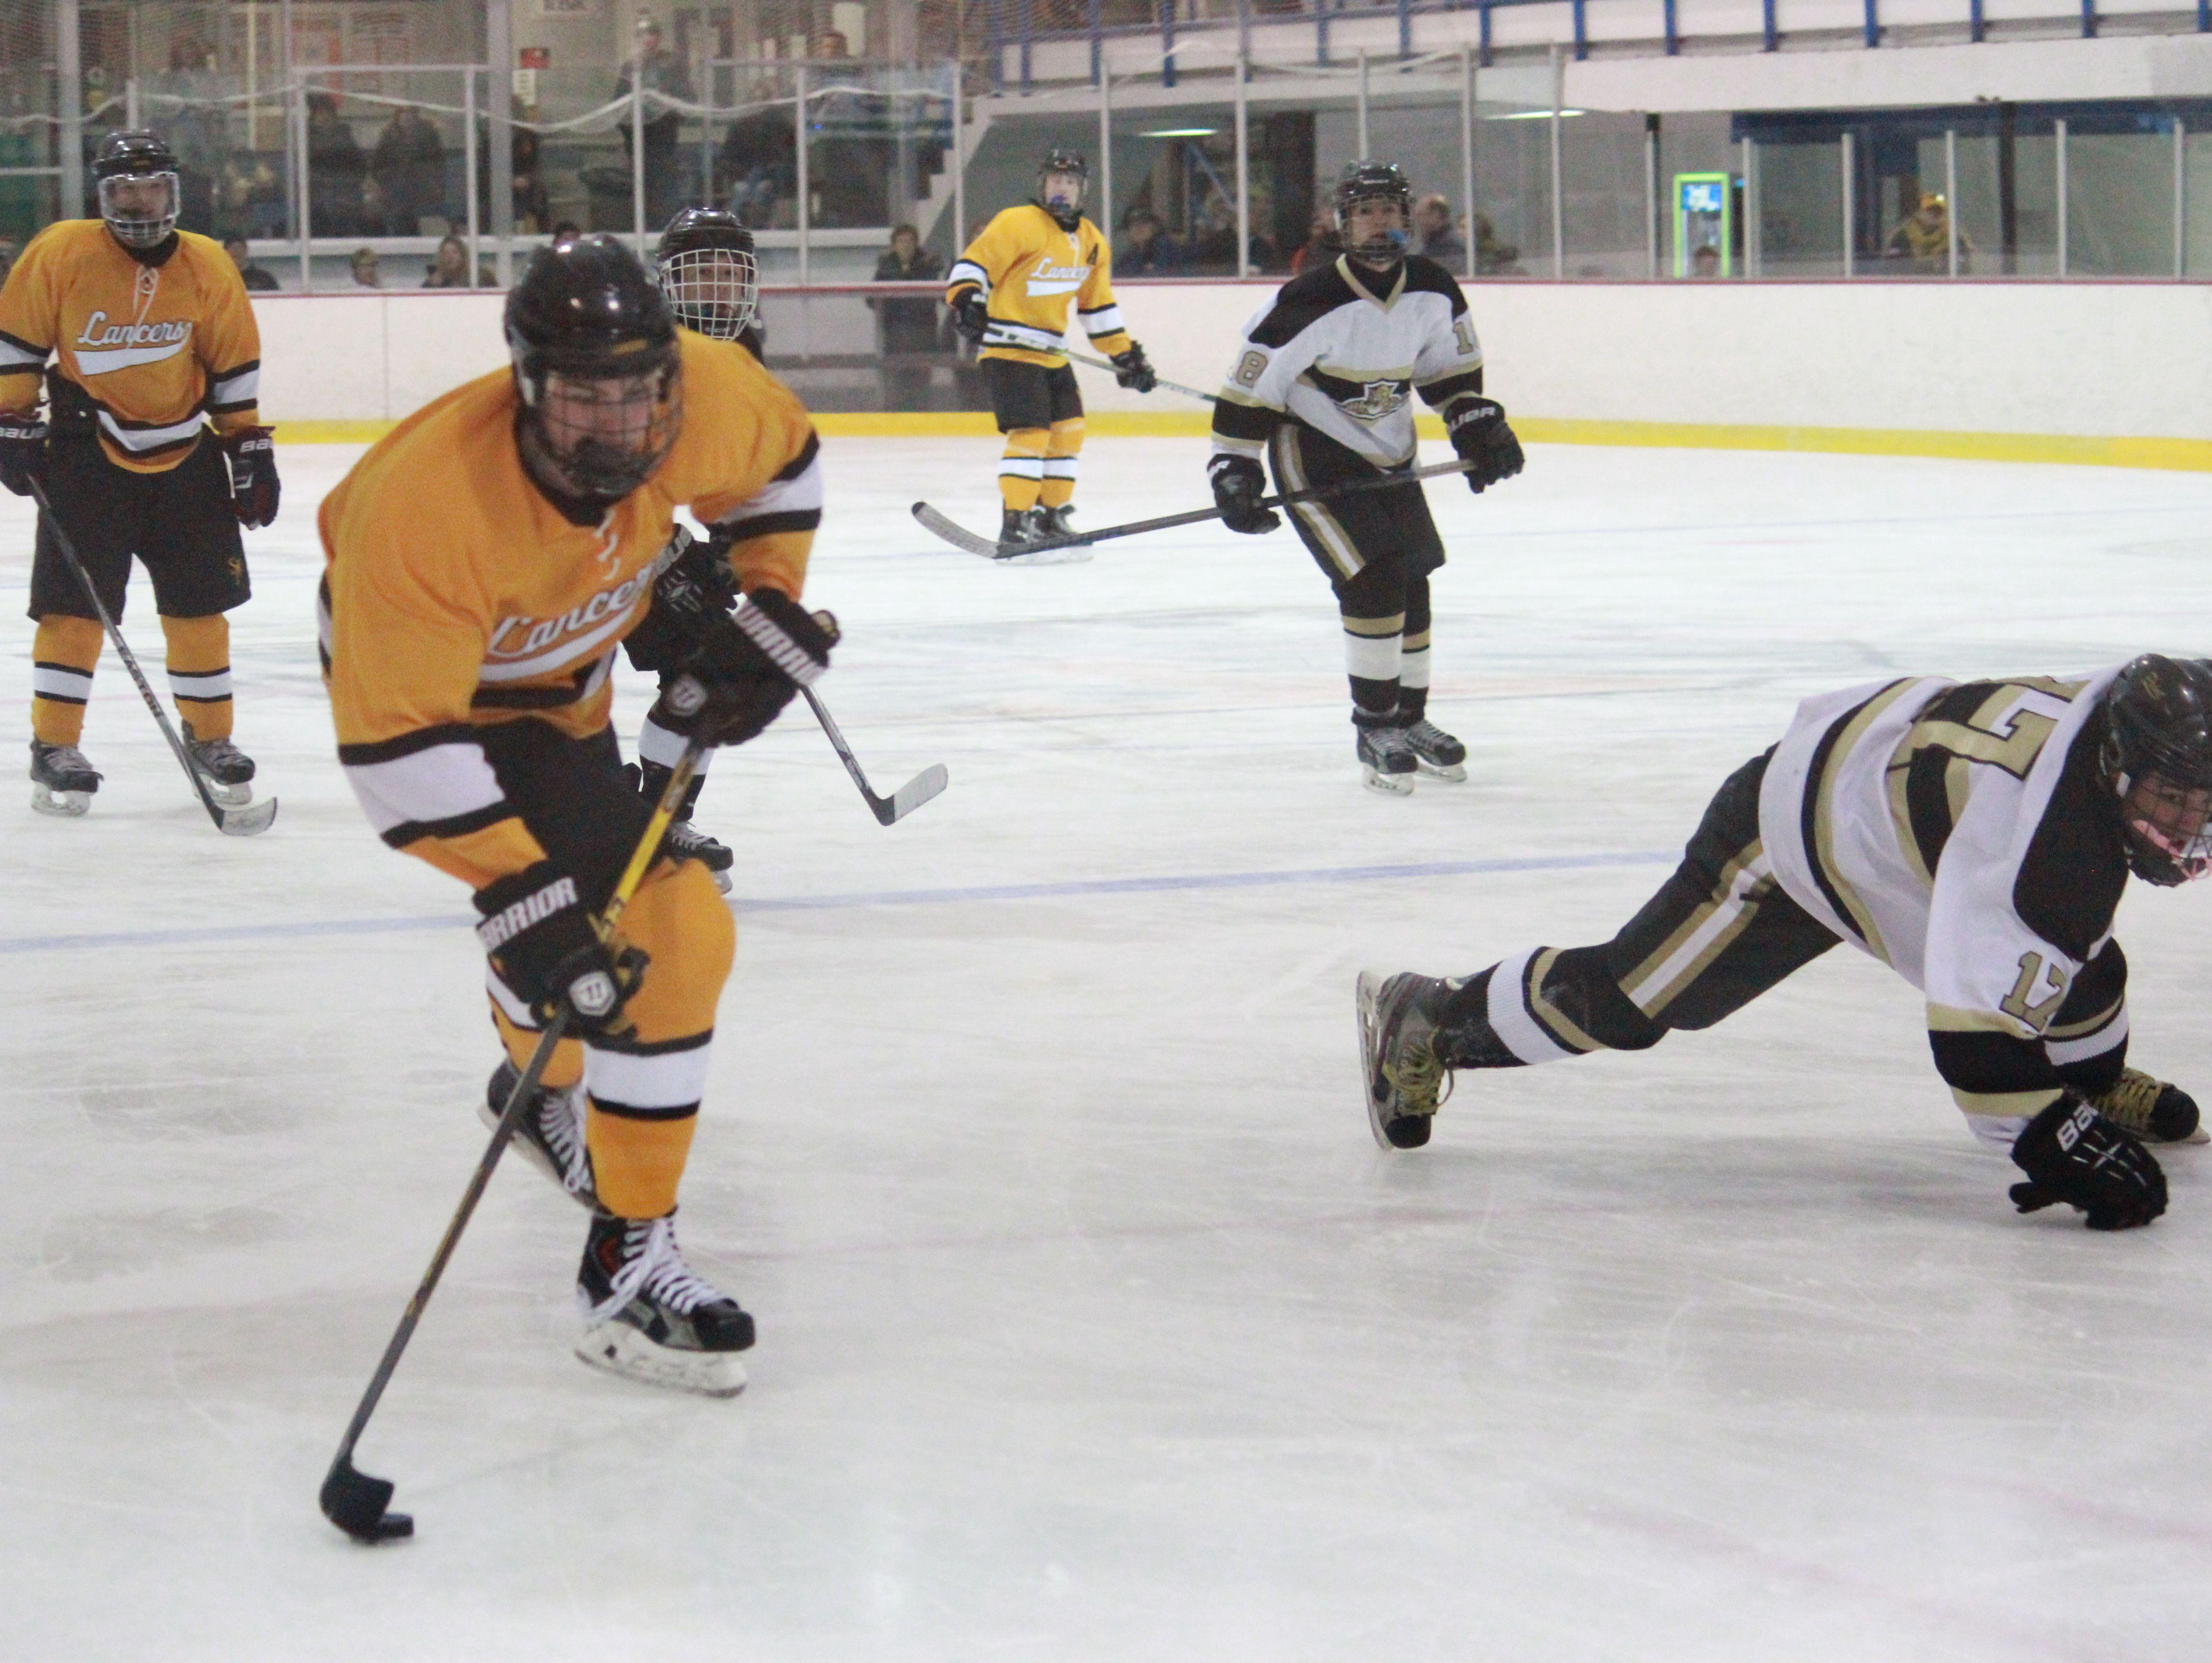 St. John Vianney skated past Point Boro on Friday, Dec. 4.